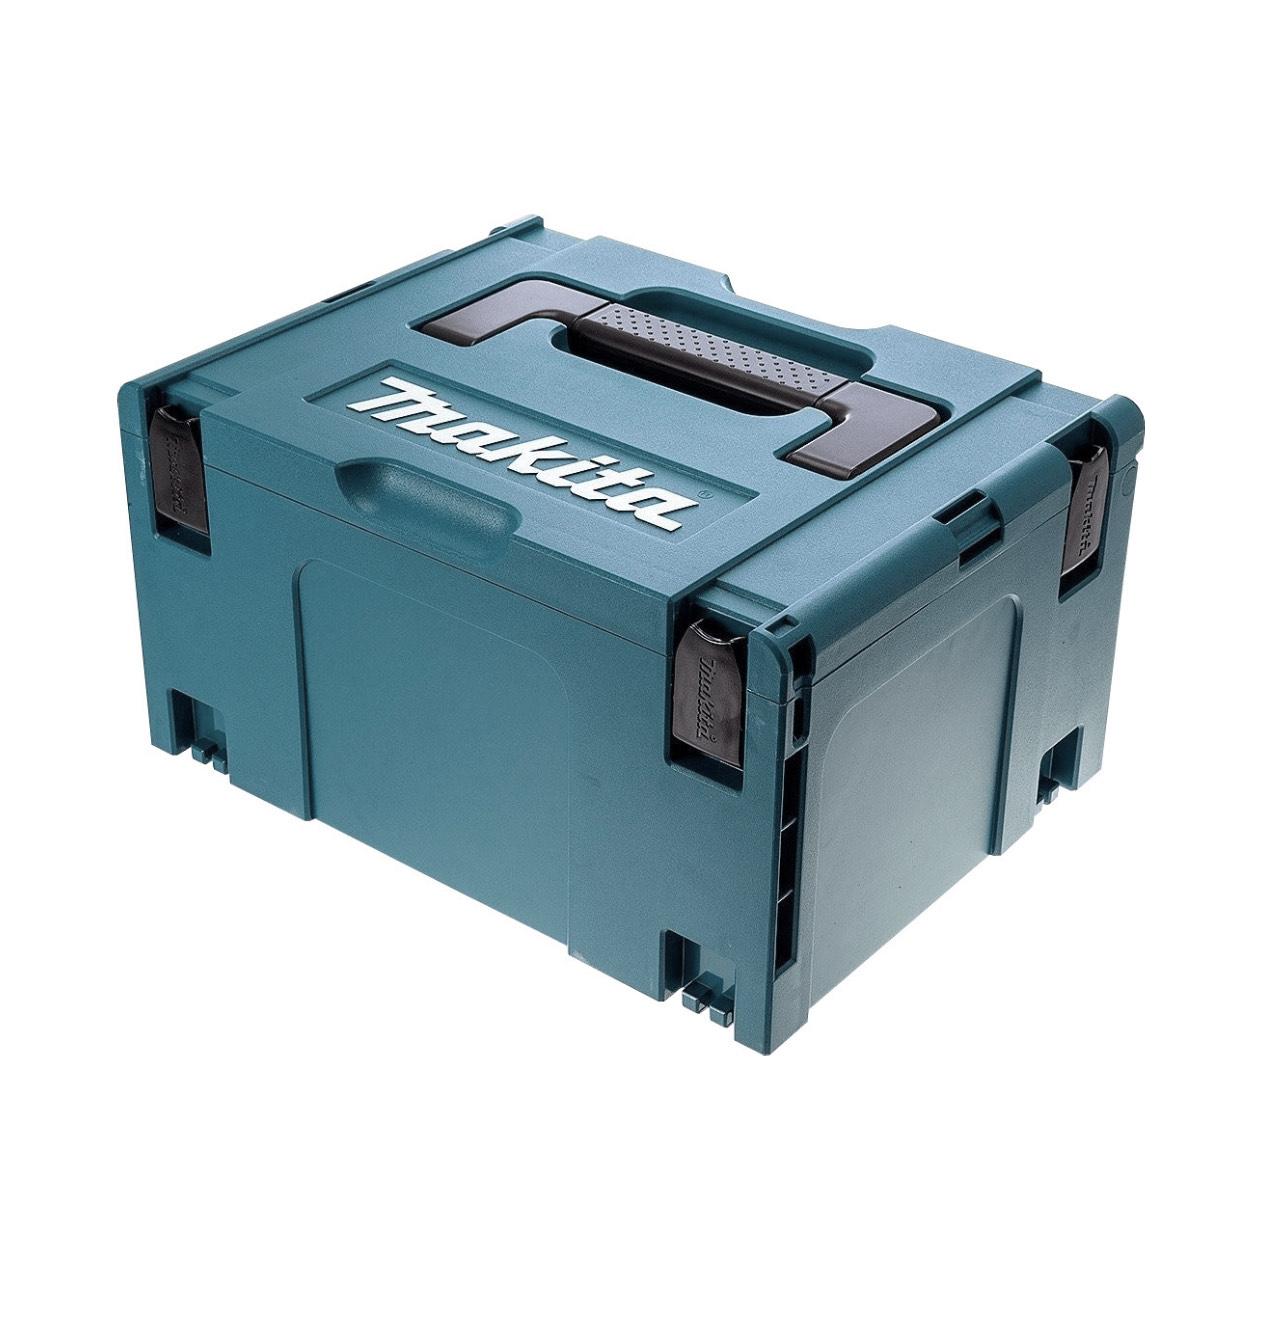 Makita Makpac Gr. 3, Transportkoffer für euer Werkzeug